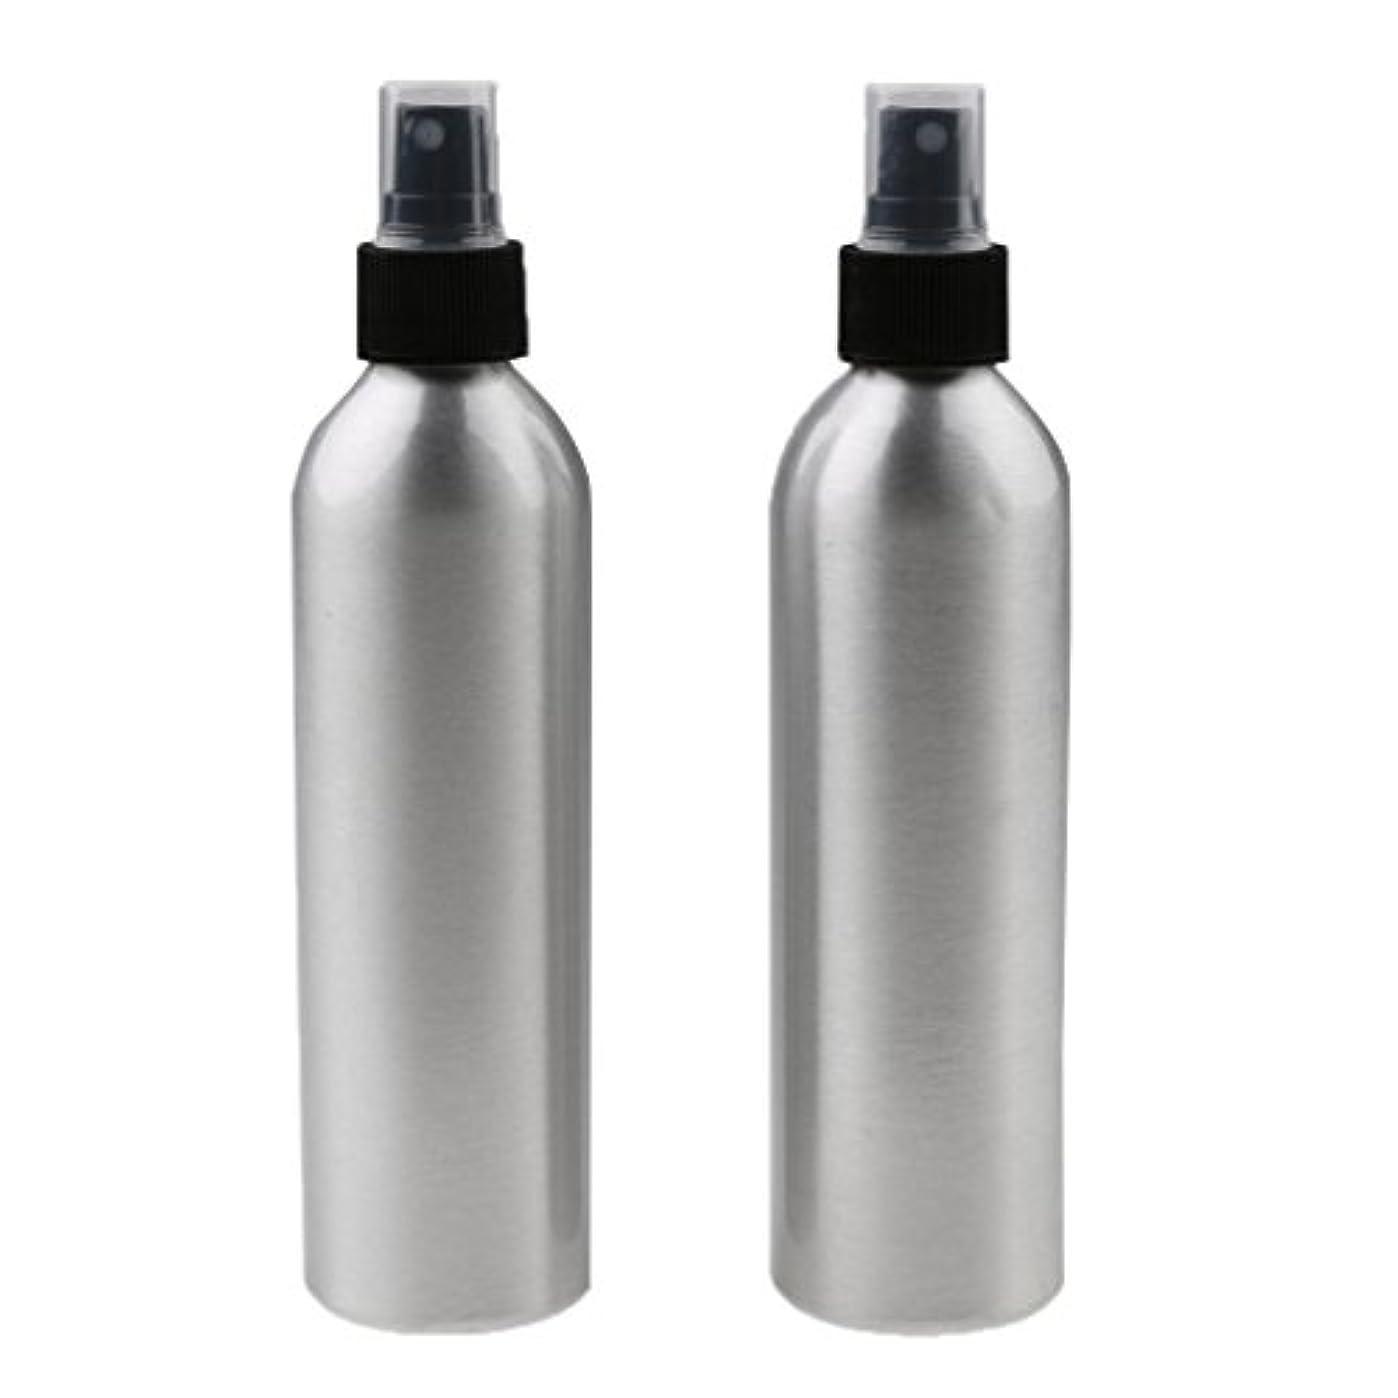 年金受給者大砲複雑でないKesoto 2個入り 旅行 アルミ ミスト スプレー 香水ボトル メイクアップ スプレー アトマイザー 女性用 美容 小物 軽量 持ち運び便利 全4サイズ - 50ml